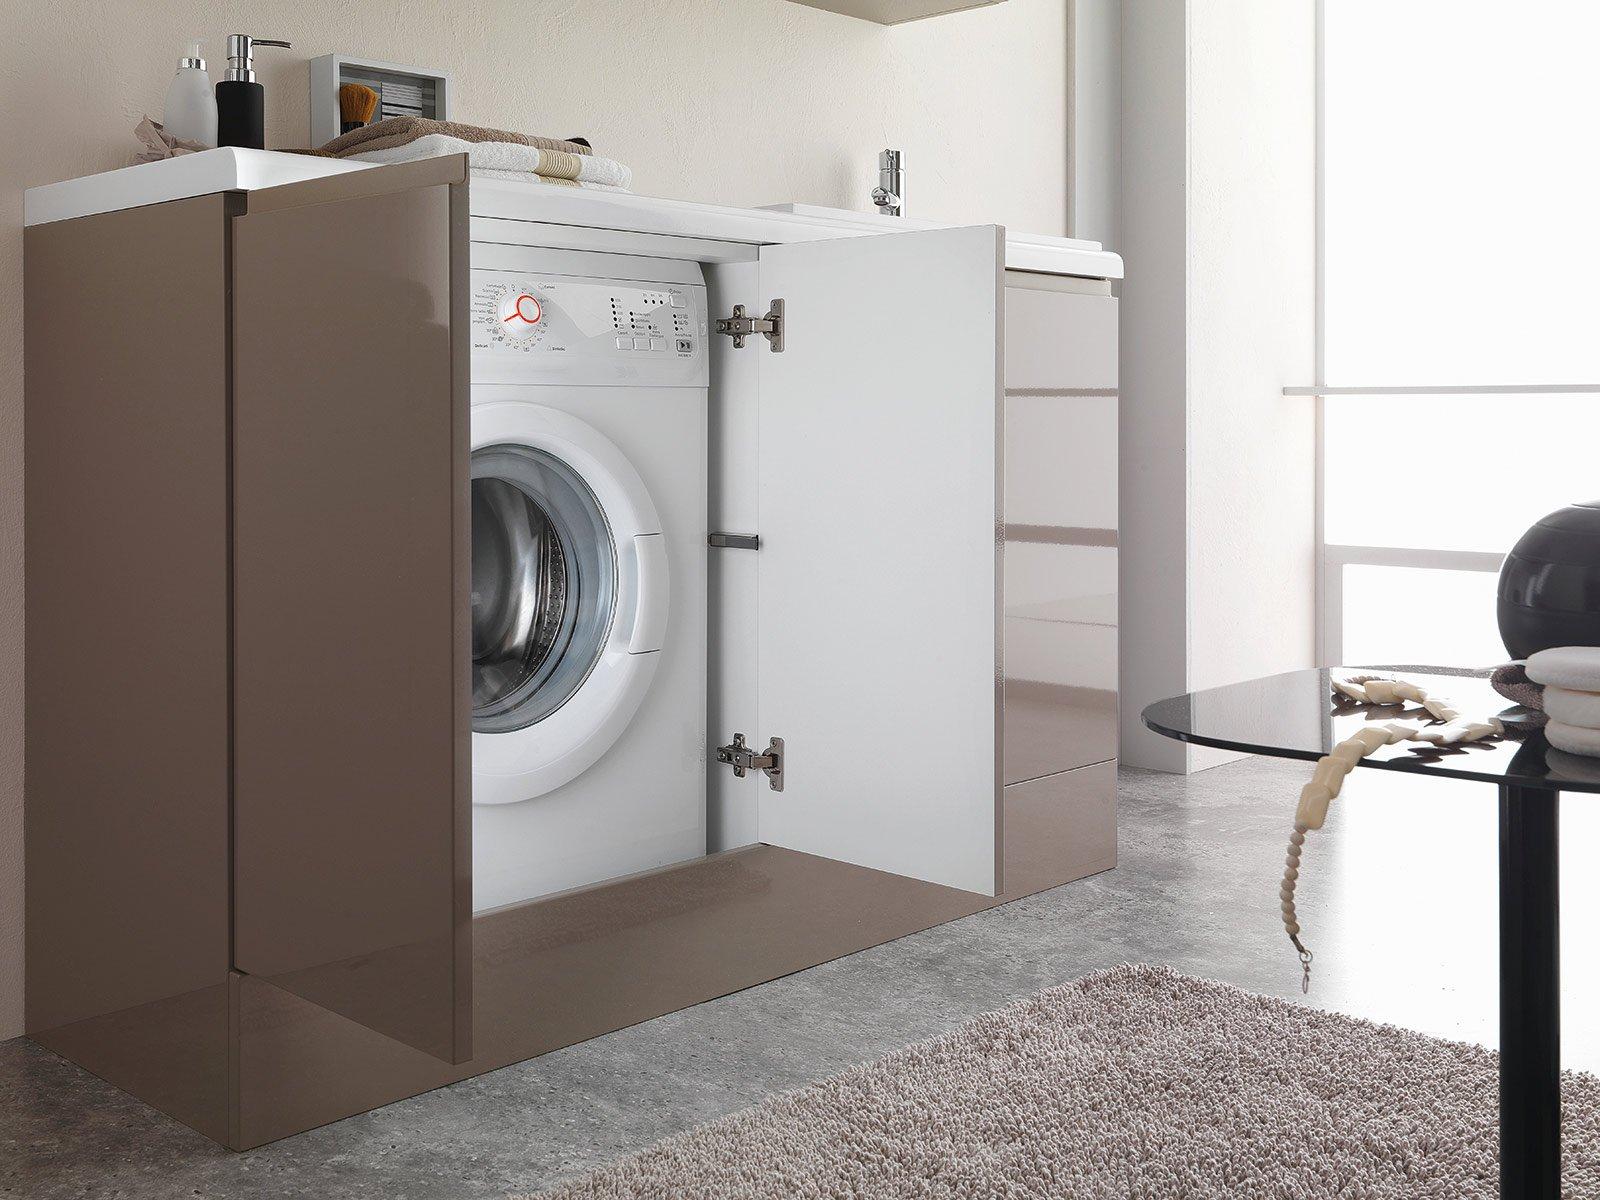 la base per la lavatrice compact di geromin ha scocca in mdf rivestita in pvc lucido